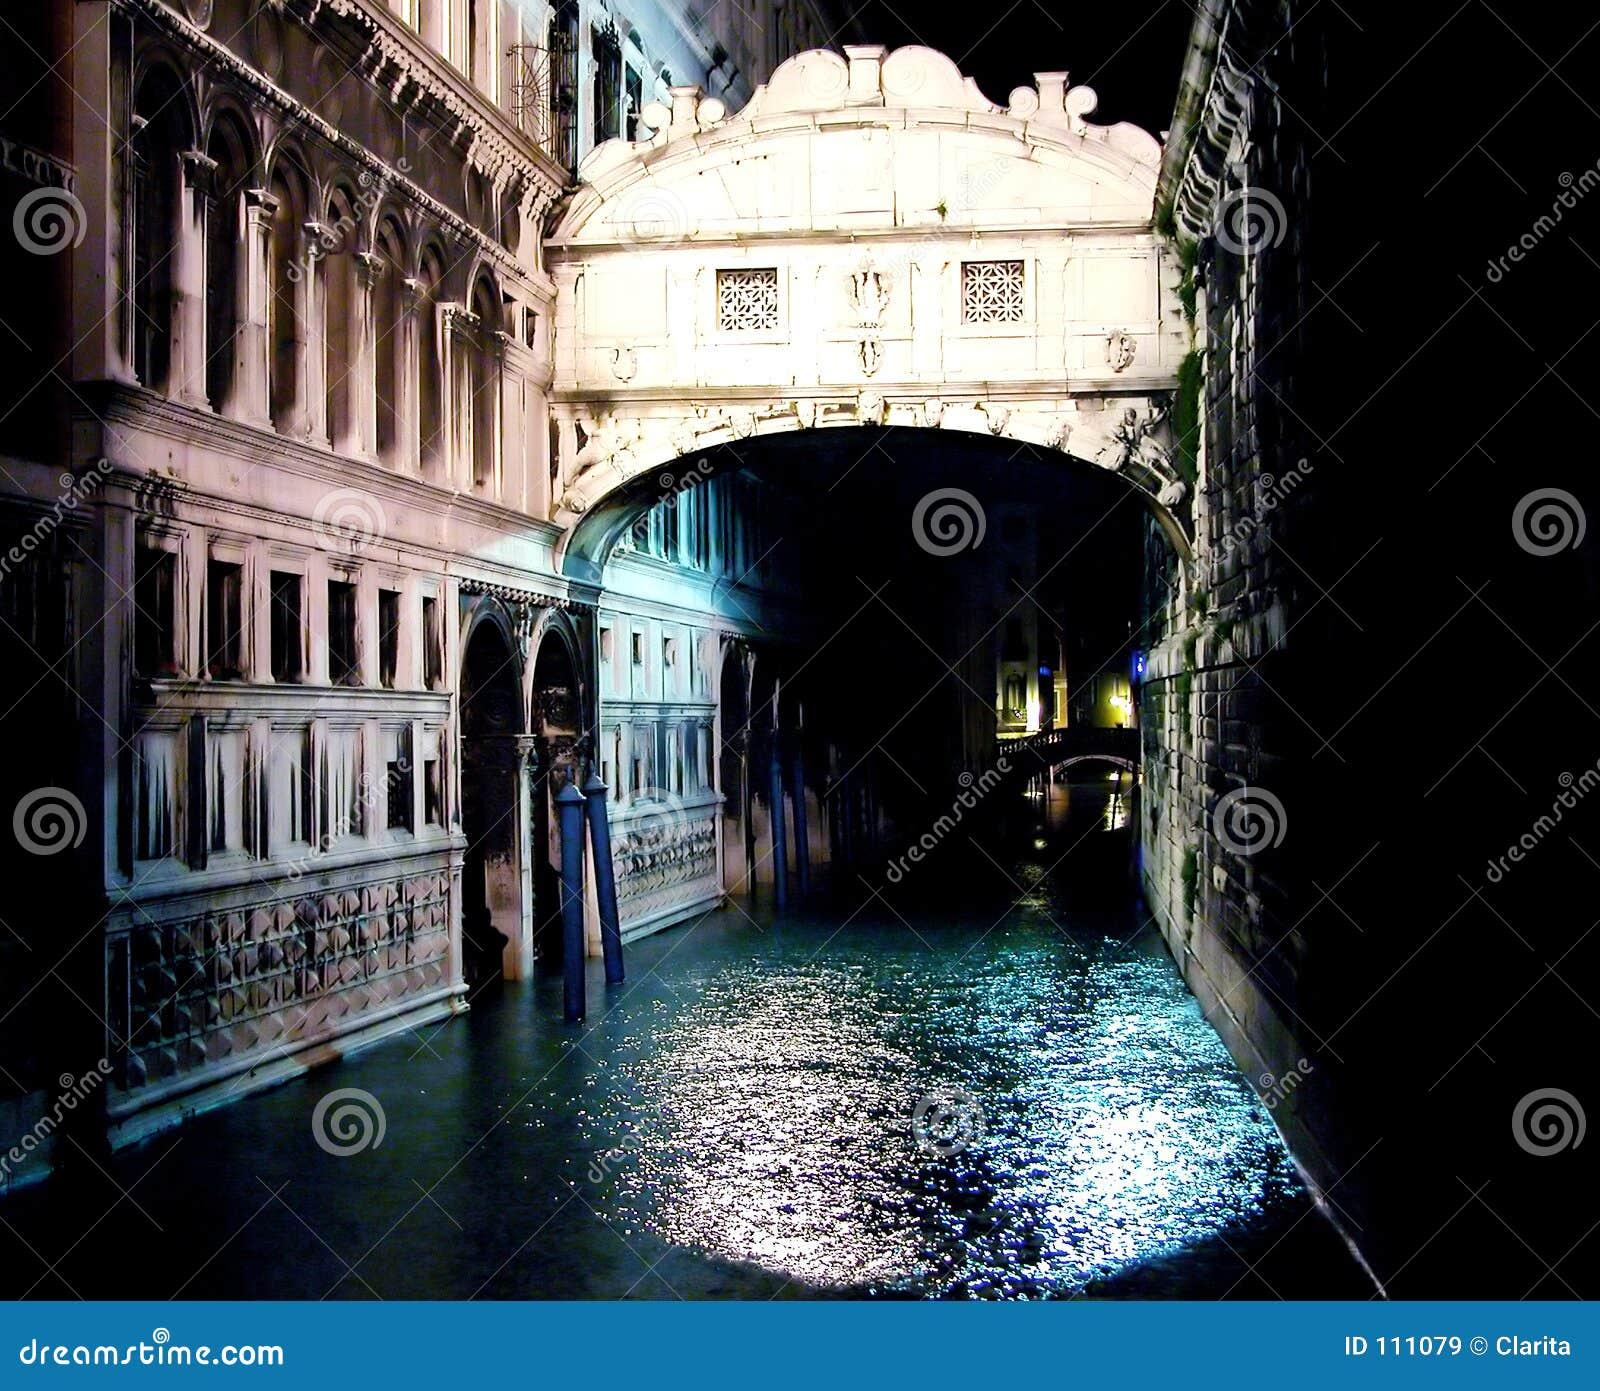 Dei sospiri di ponte entro la notte immagine stock for Disegni di ponte anteriore